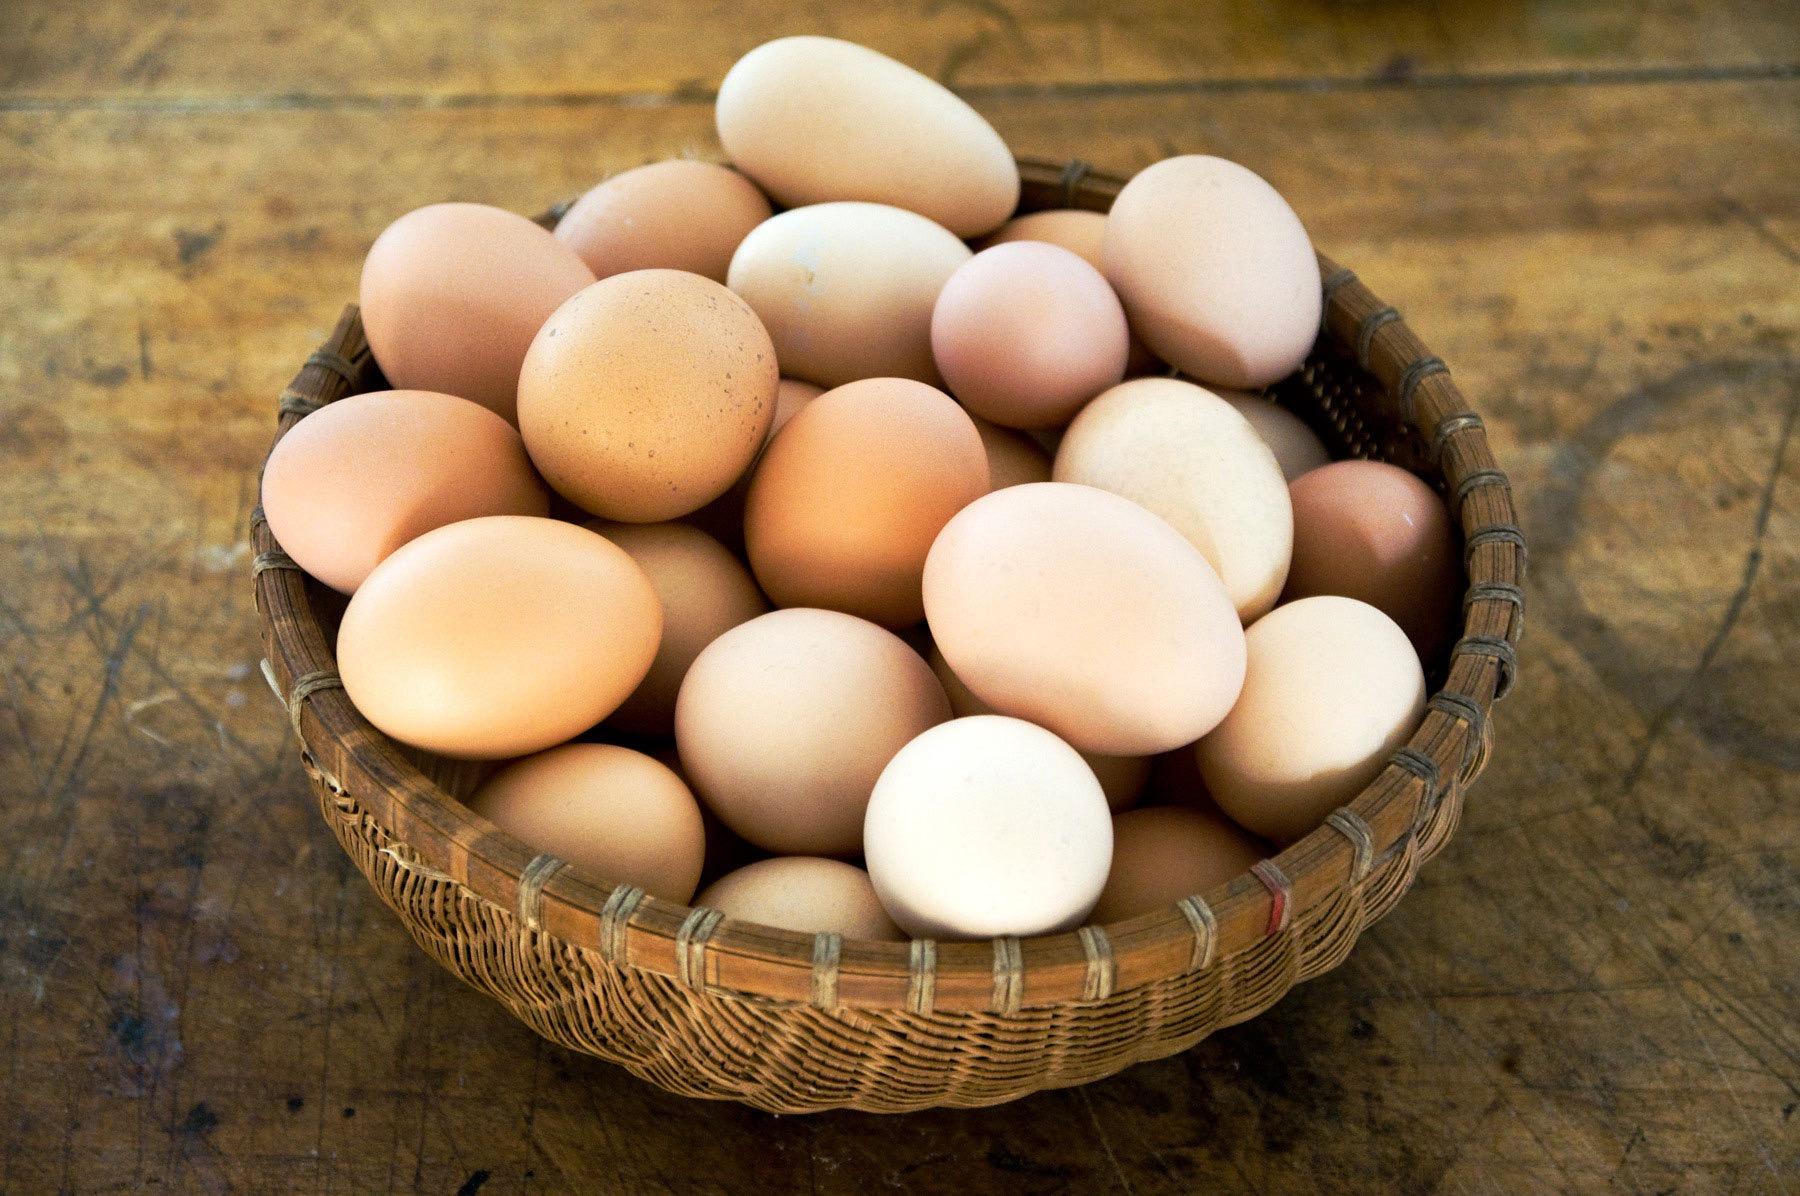 fresh-organic-food-eggs-01-1 Өөхийг уйлуулах шидэт 9 хүнсний бүтээгдэхүүн